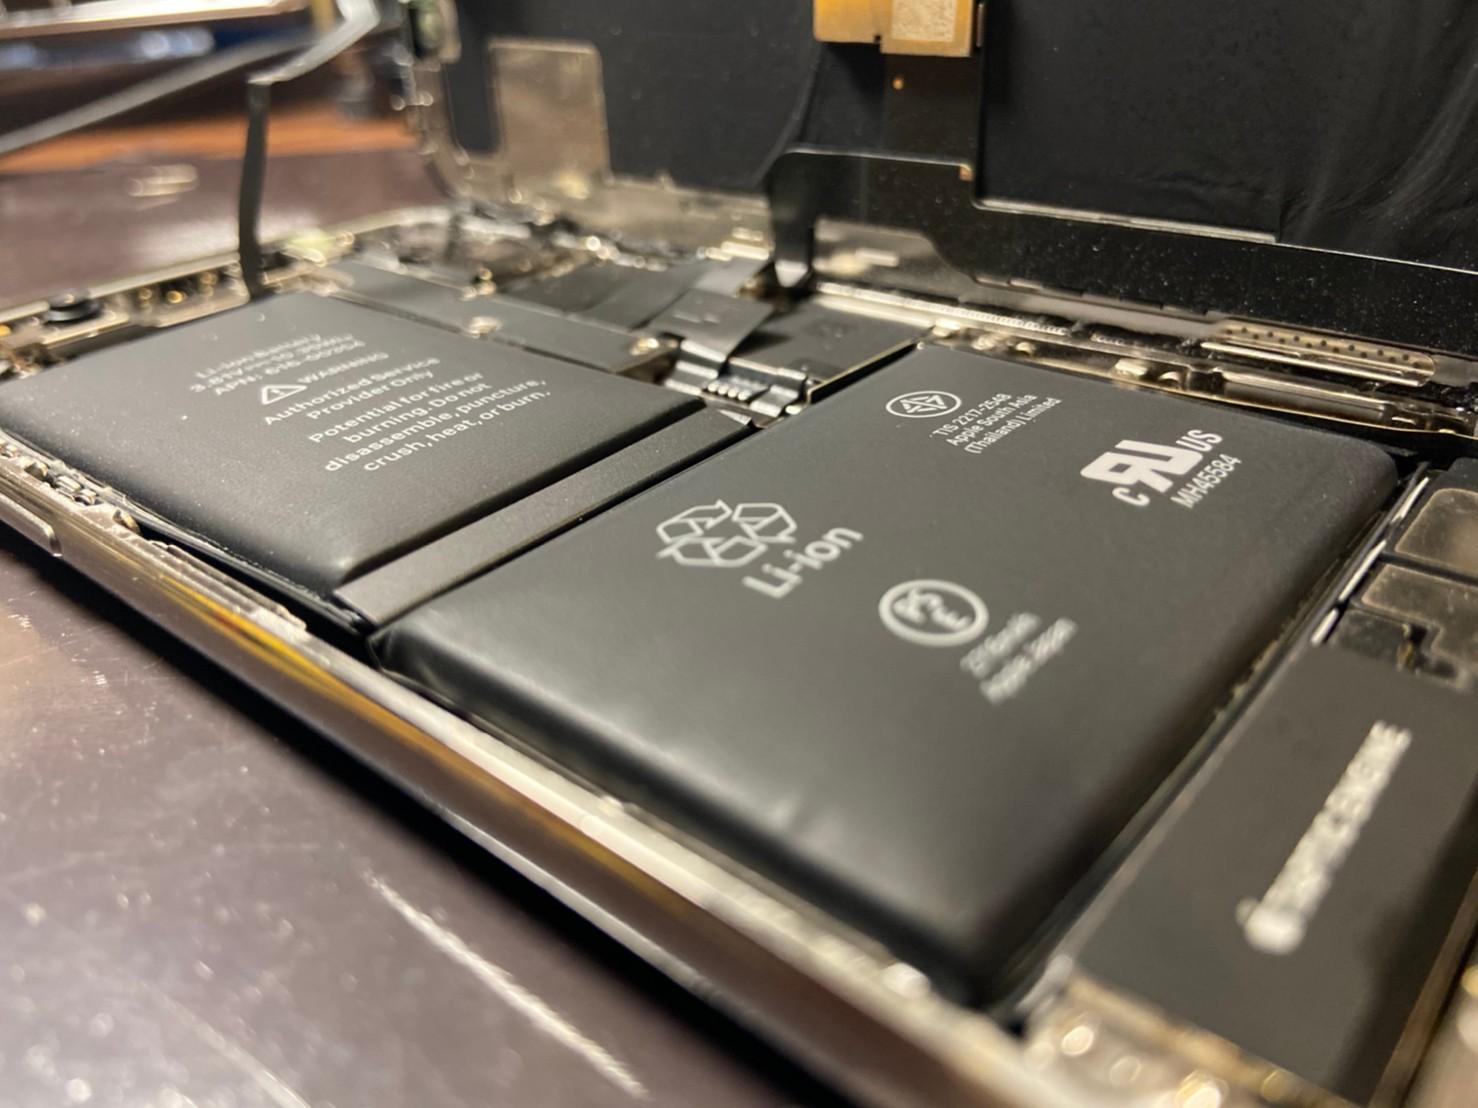 iPhoneバッテリーの劣化を放置していると様々なデメリットが!!😲